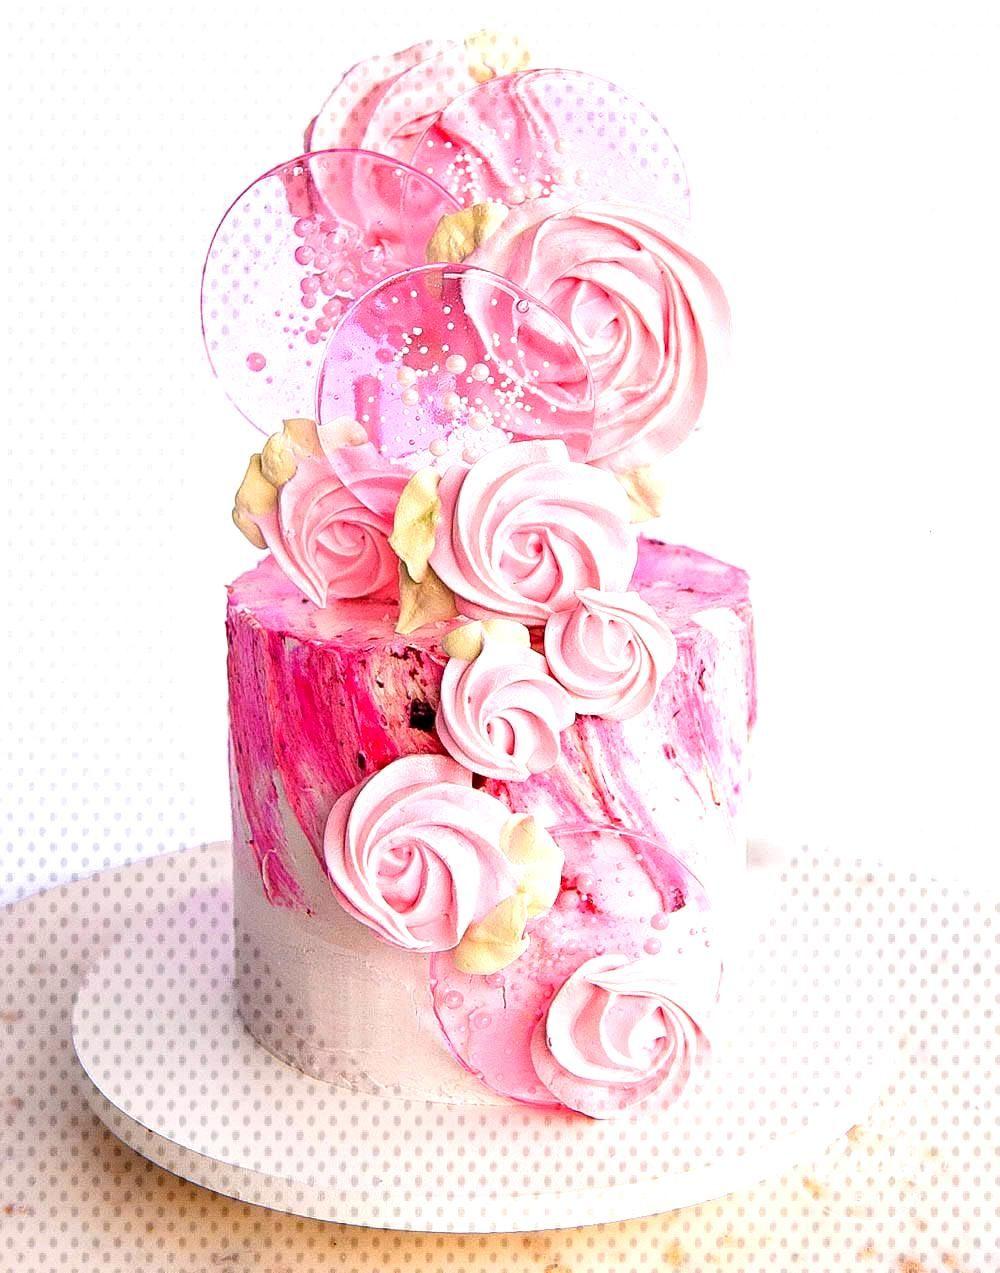 pops ideas Spring Pop Cake (Meringue and Lollipop) | Sugar Geek Show   Lo mas sugestivo Día de